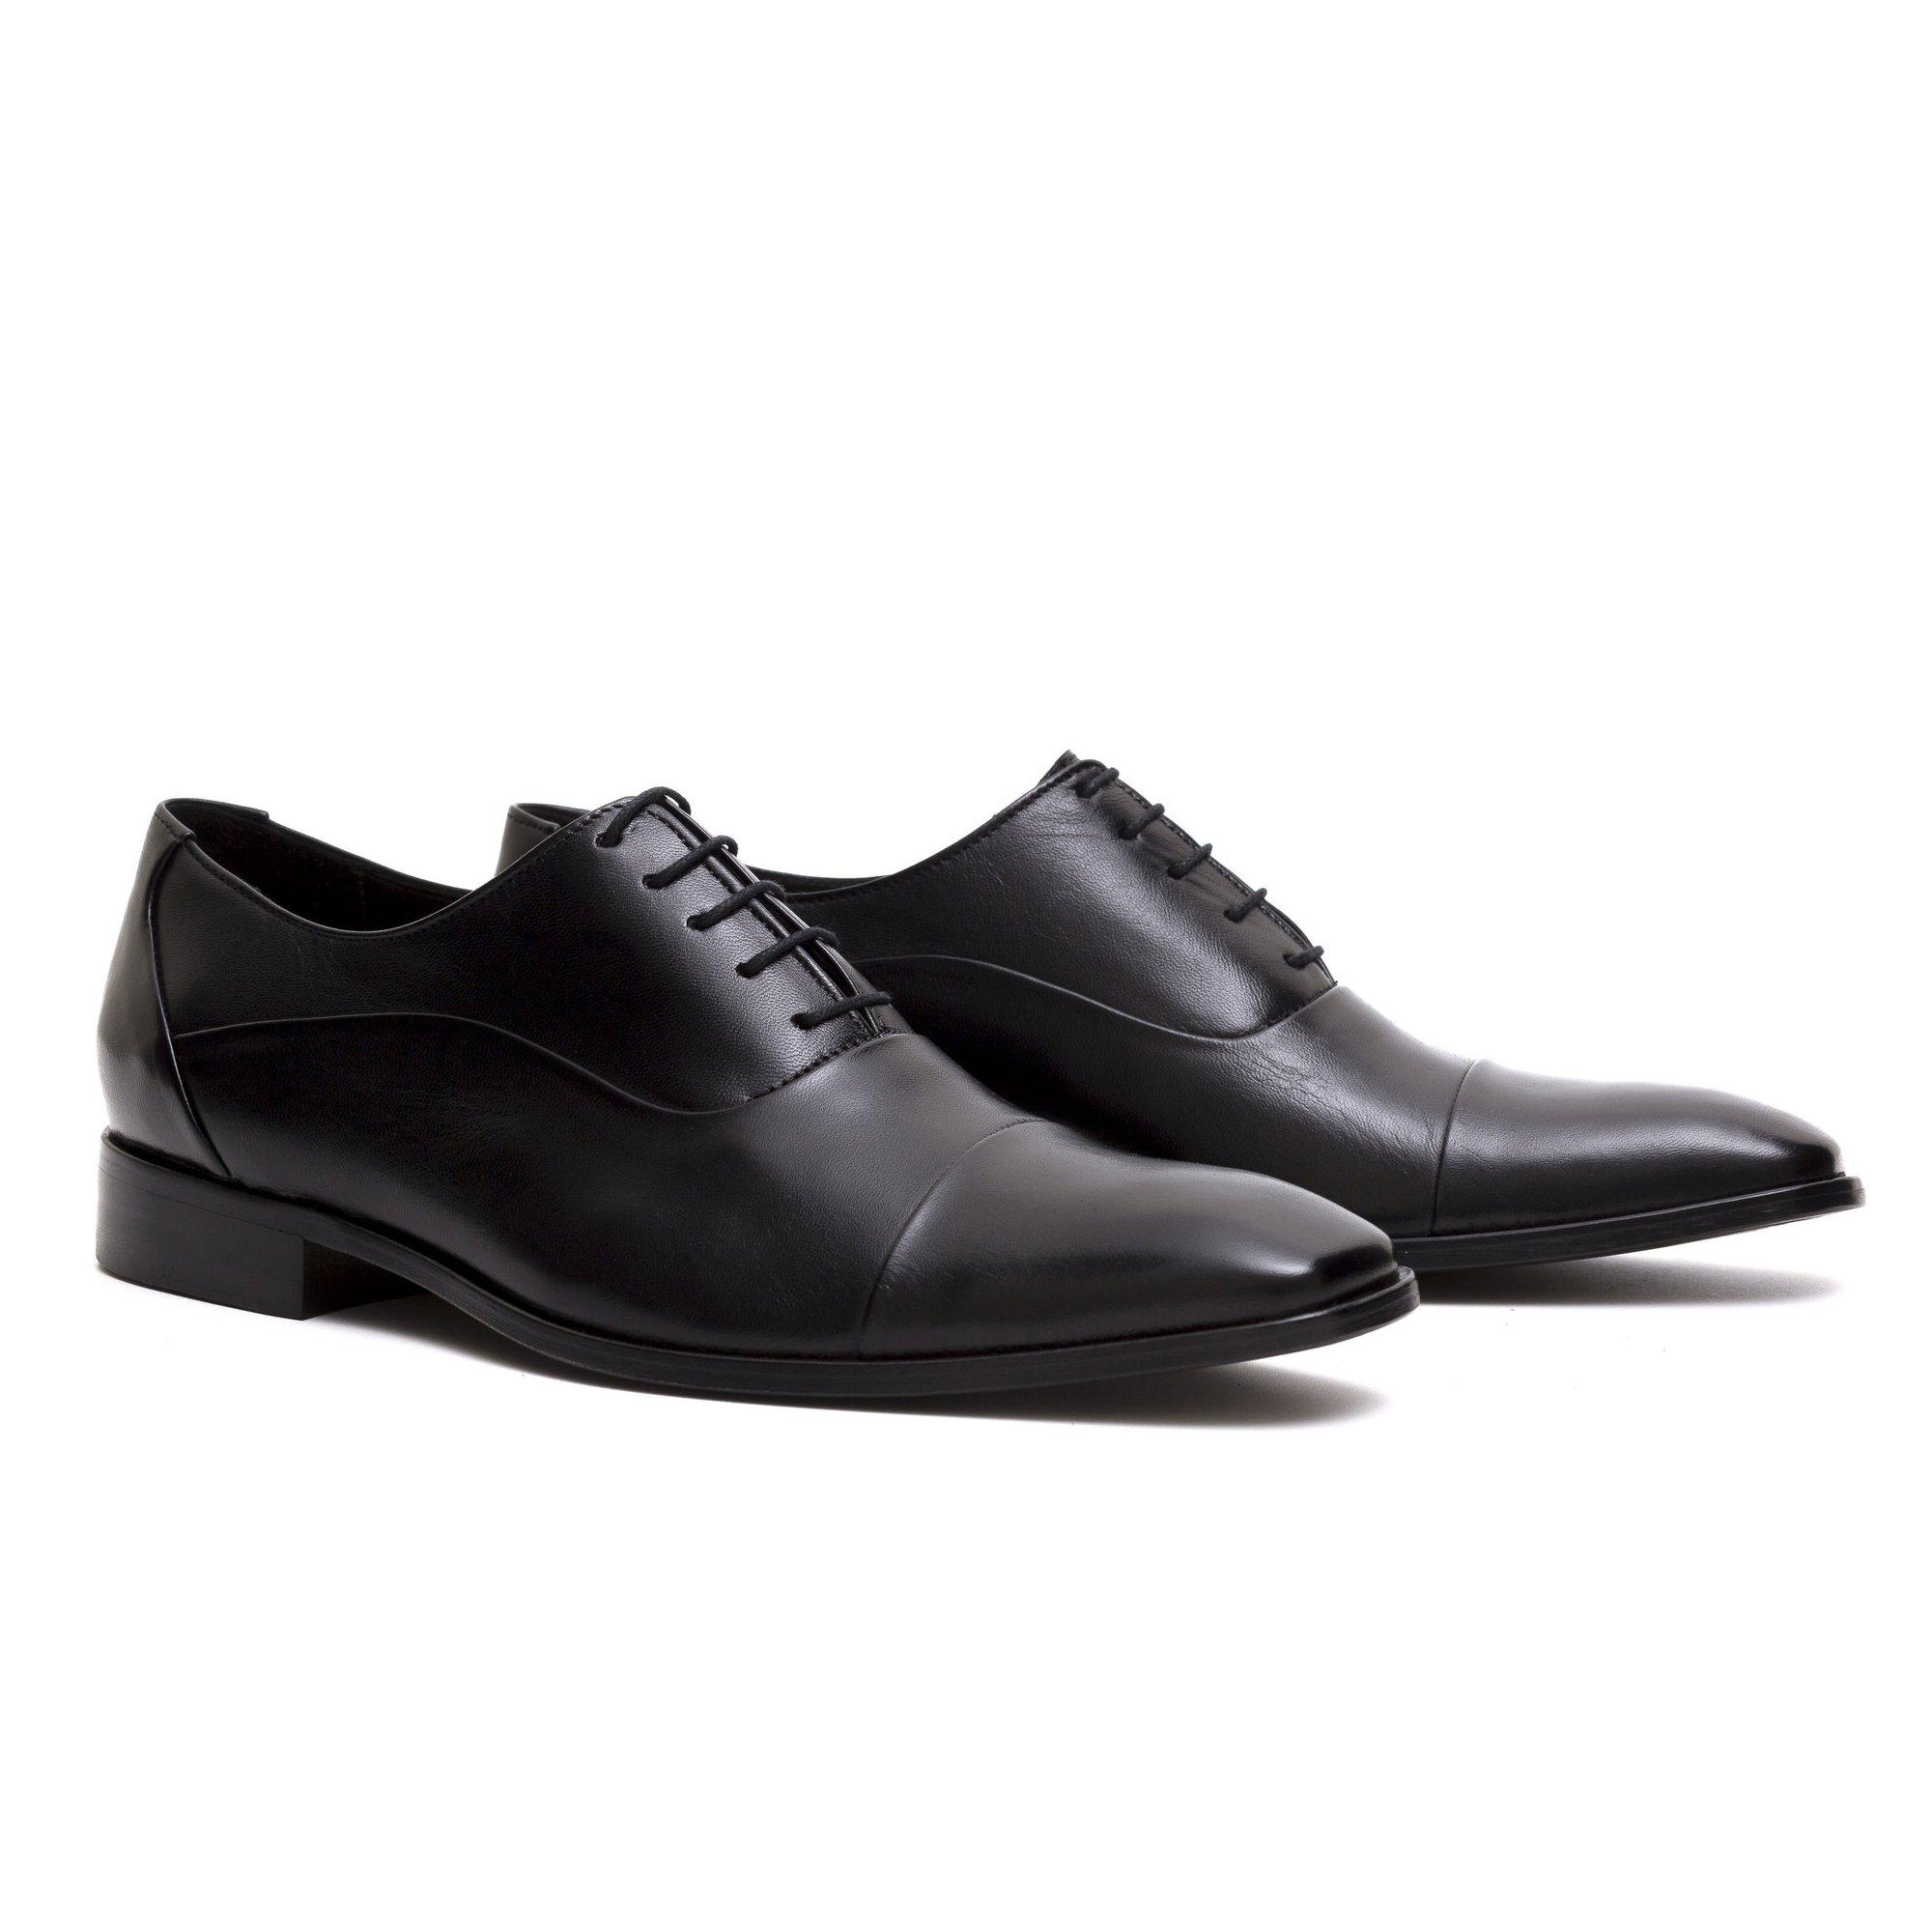 Sapato Masculino Oxford Preto Couro Legítimo Monbran Dressy Lurdes 19099P